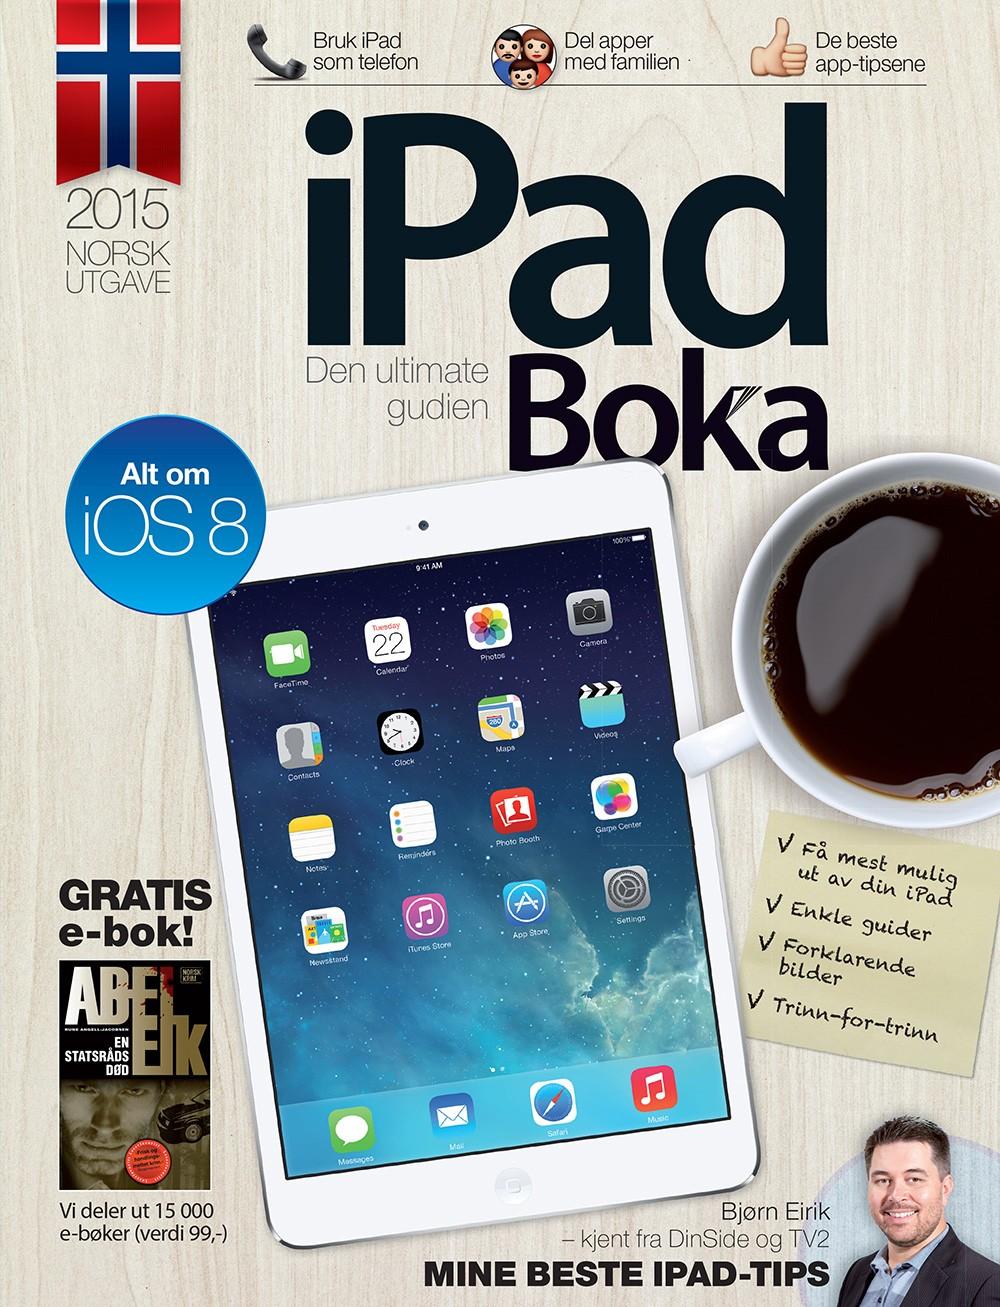 9788293321316 : iPad boken 2015